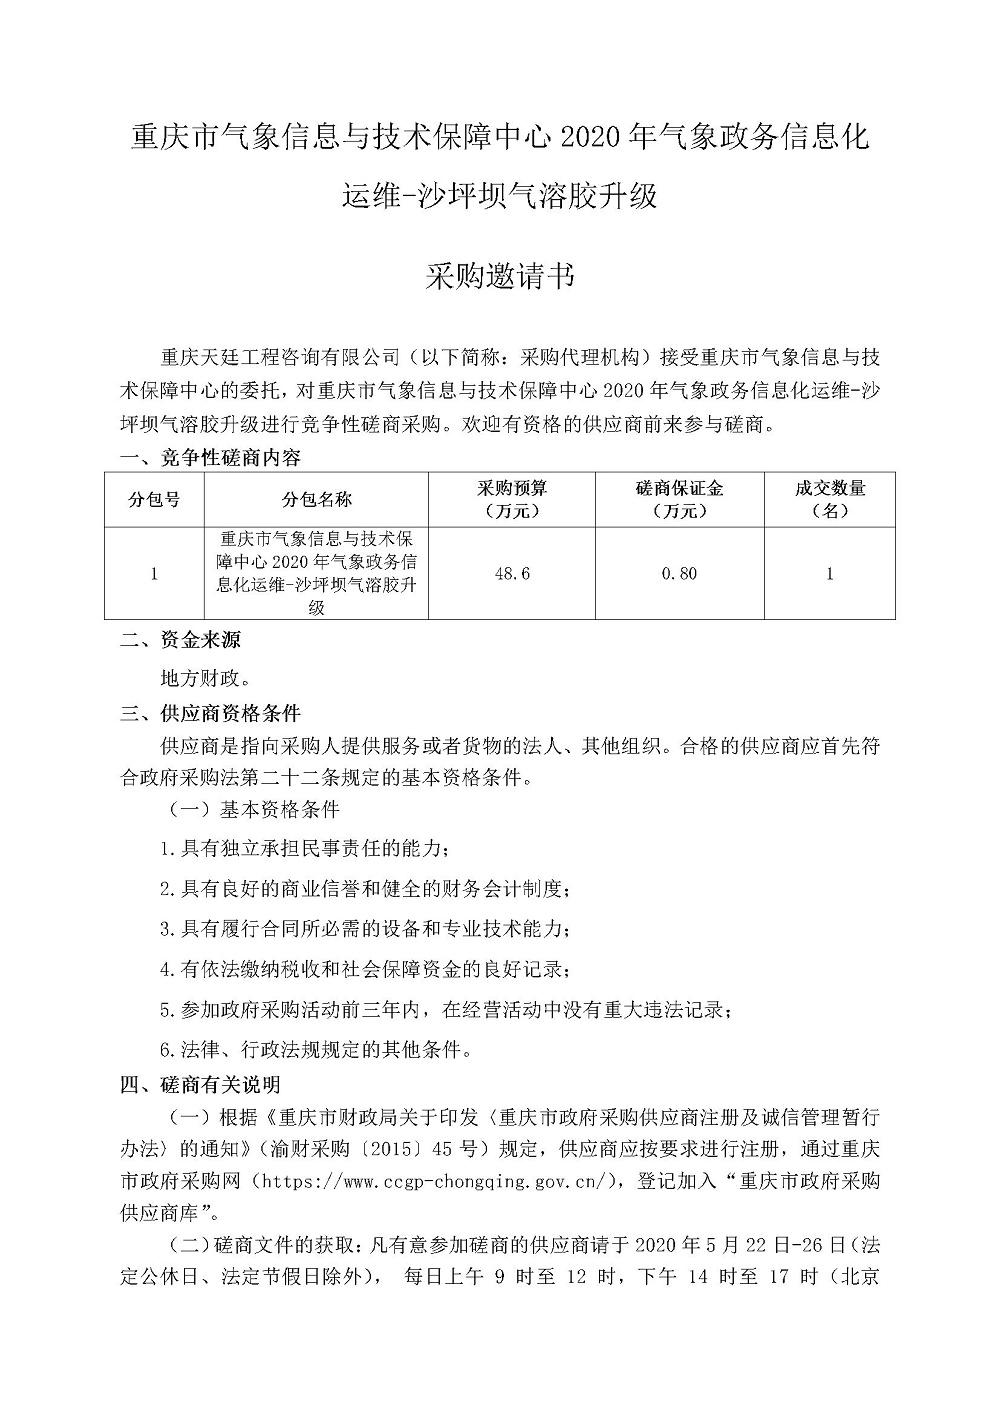 20200522气溶胶设备升级采购邀请书.jpg